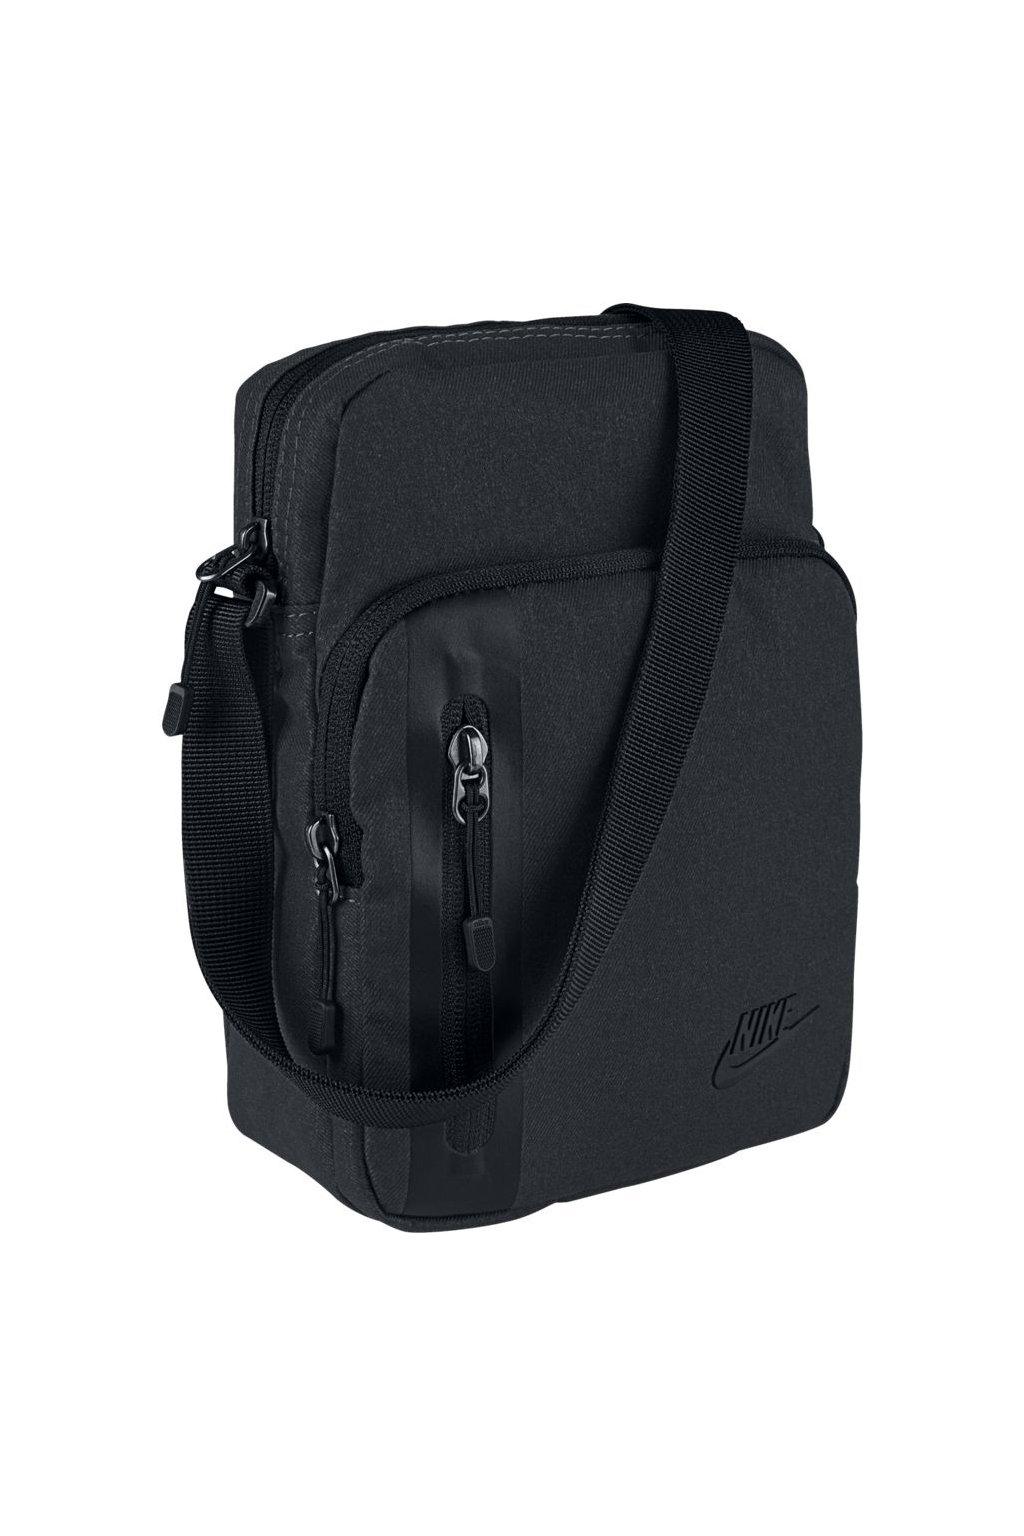 Taška Nike Core Small Items 3.0 čierna BA5268 010